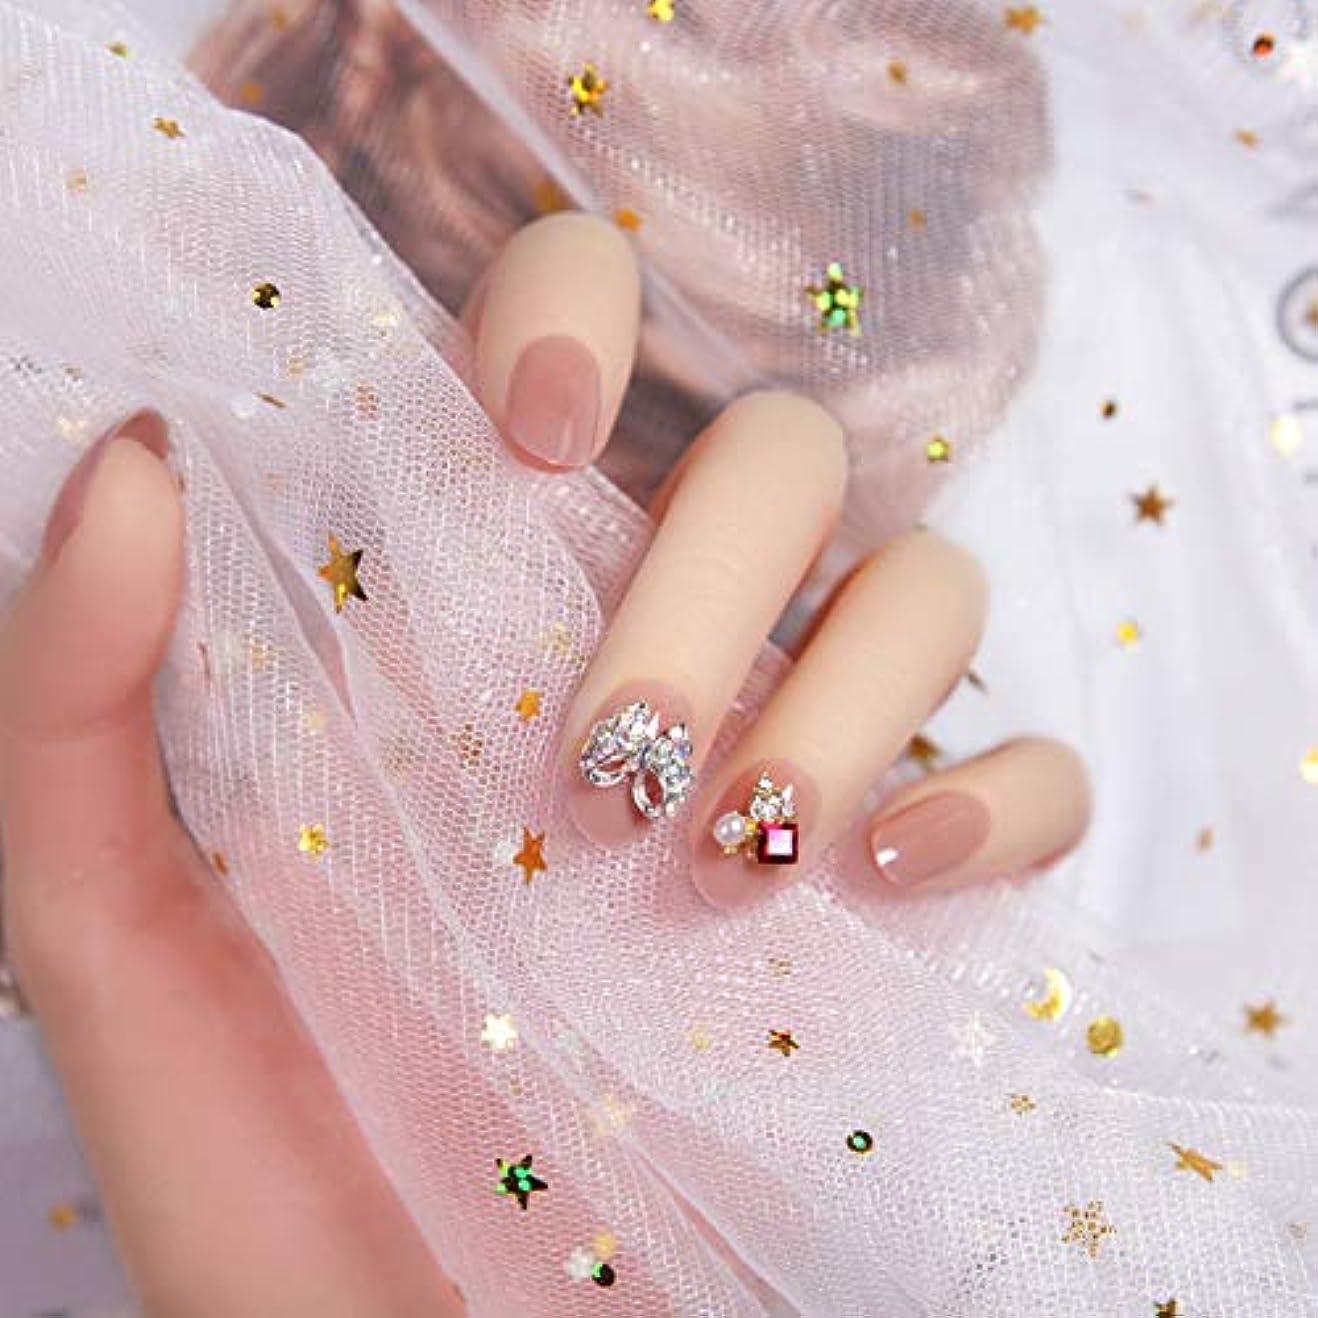 危機フィールド介入するピンク 3D ネイルチップ 人造ダイヤモンド 24枚入 原宿 和風 夢幻 和装 手作りネイルチップ 結婚式ネイルチップ